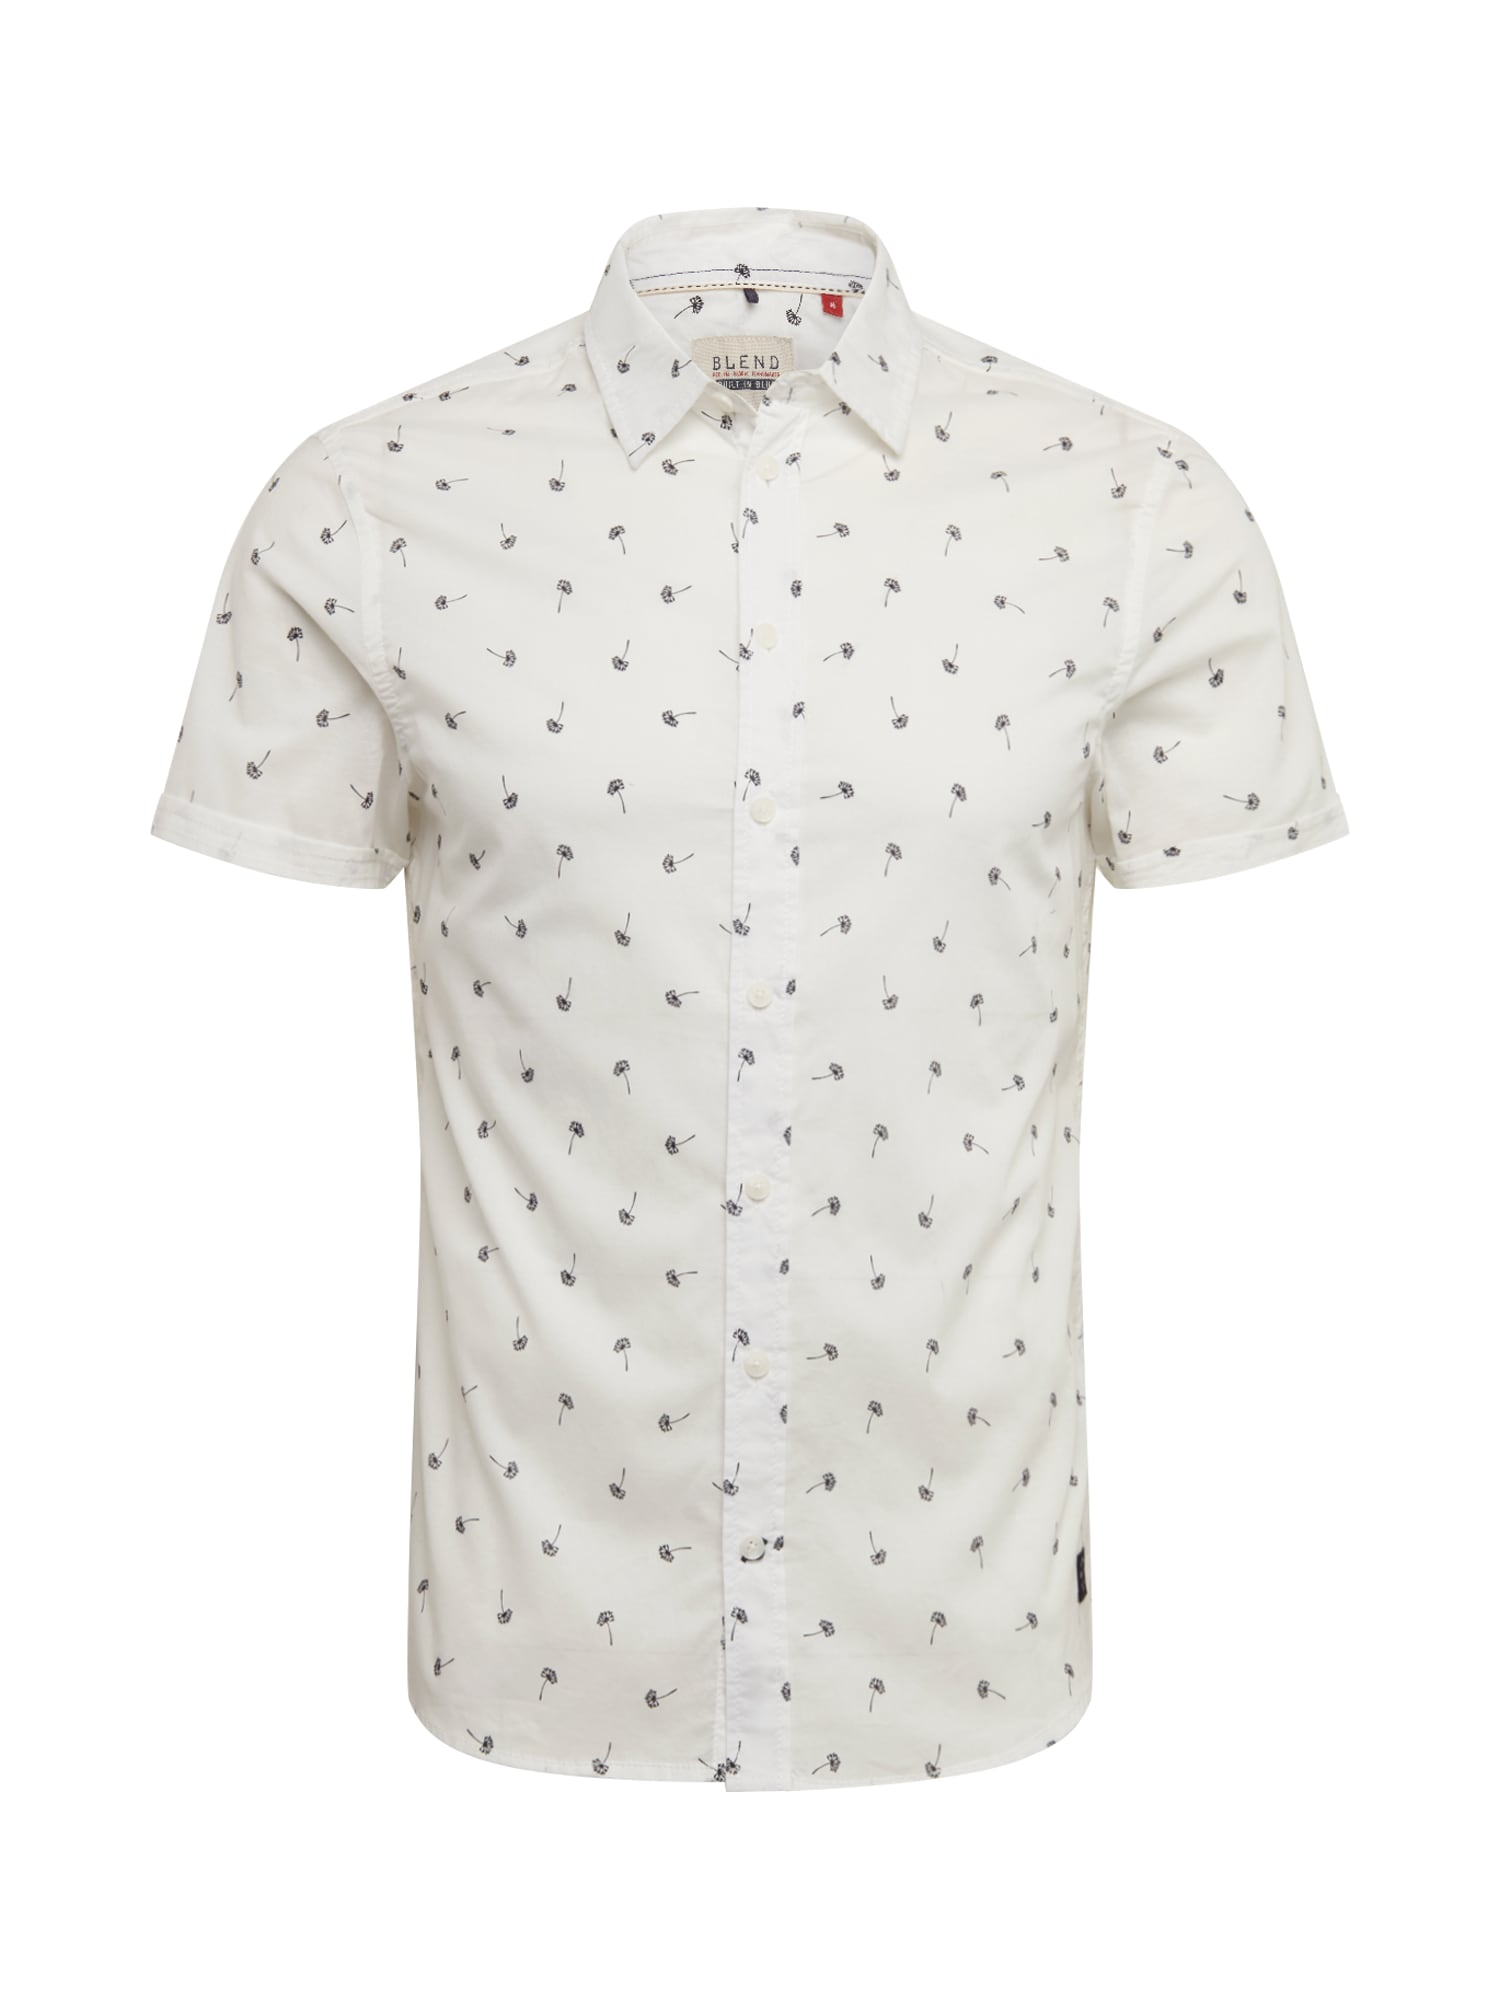 BLEND Dalykiniai marškiniai 'Shirt' mėlyna / balkšva